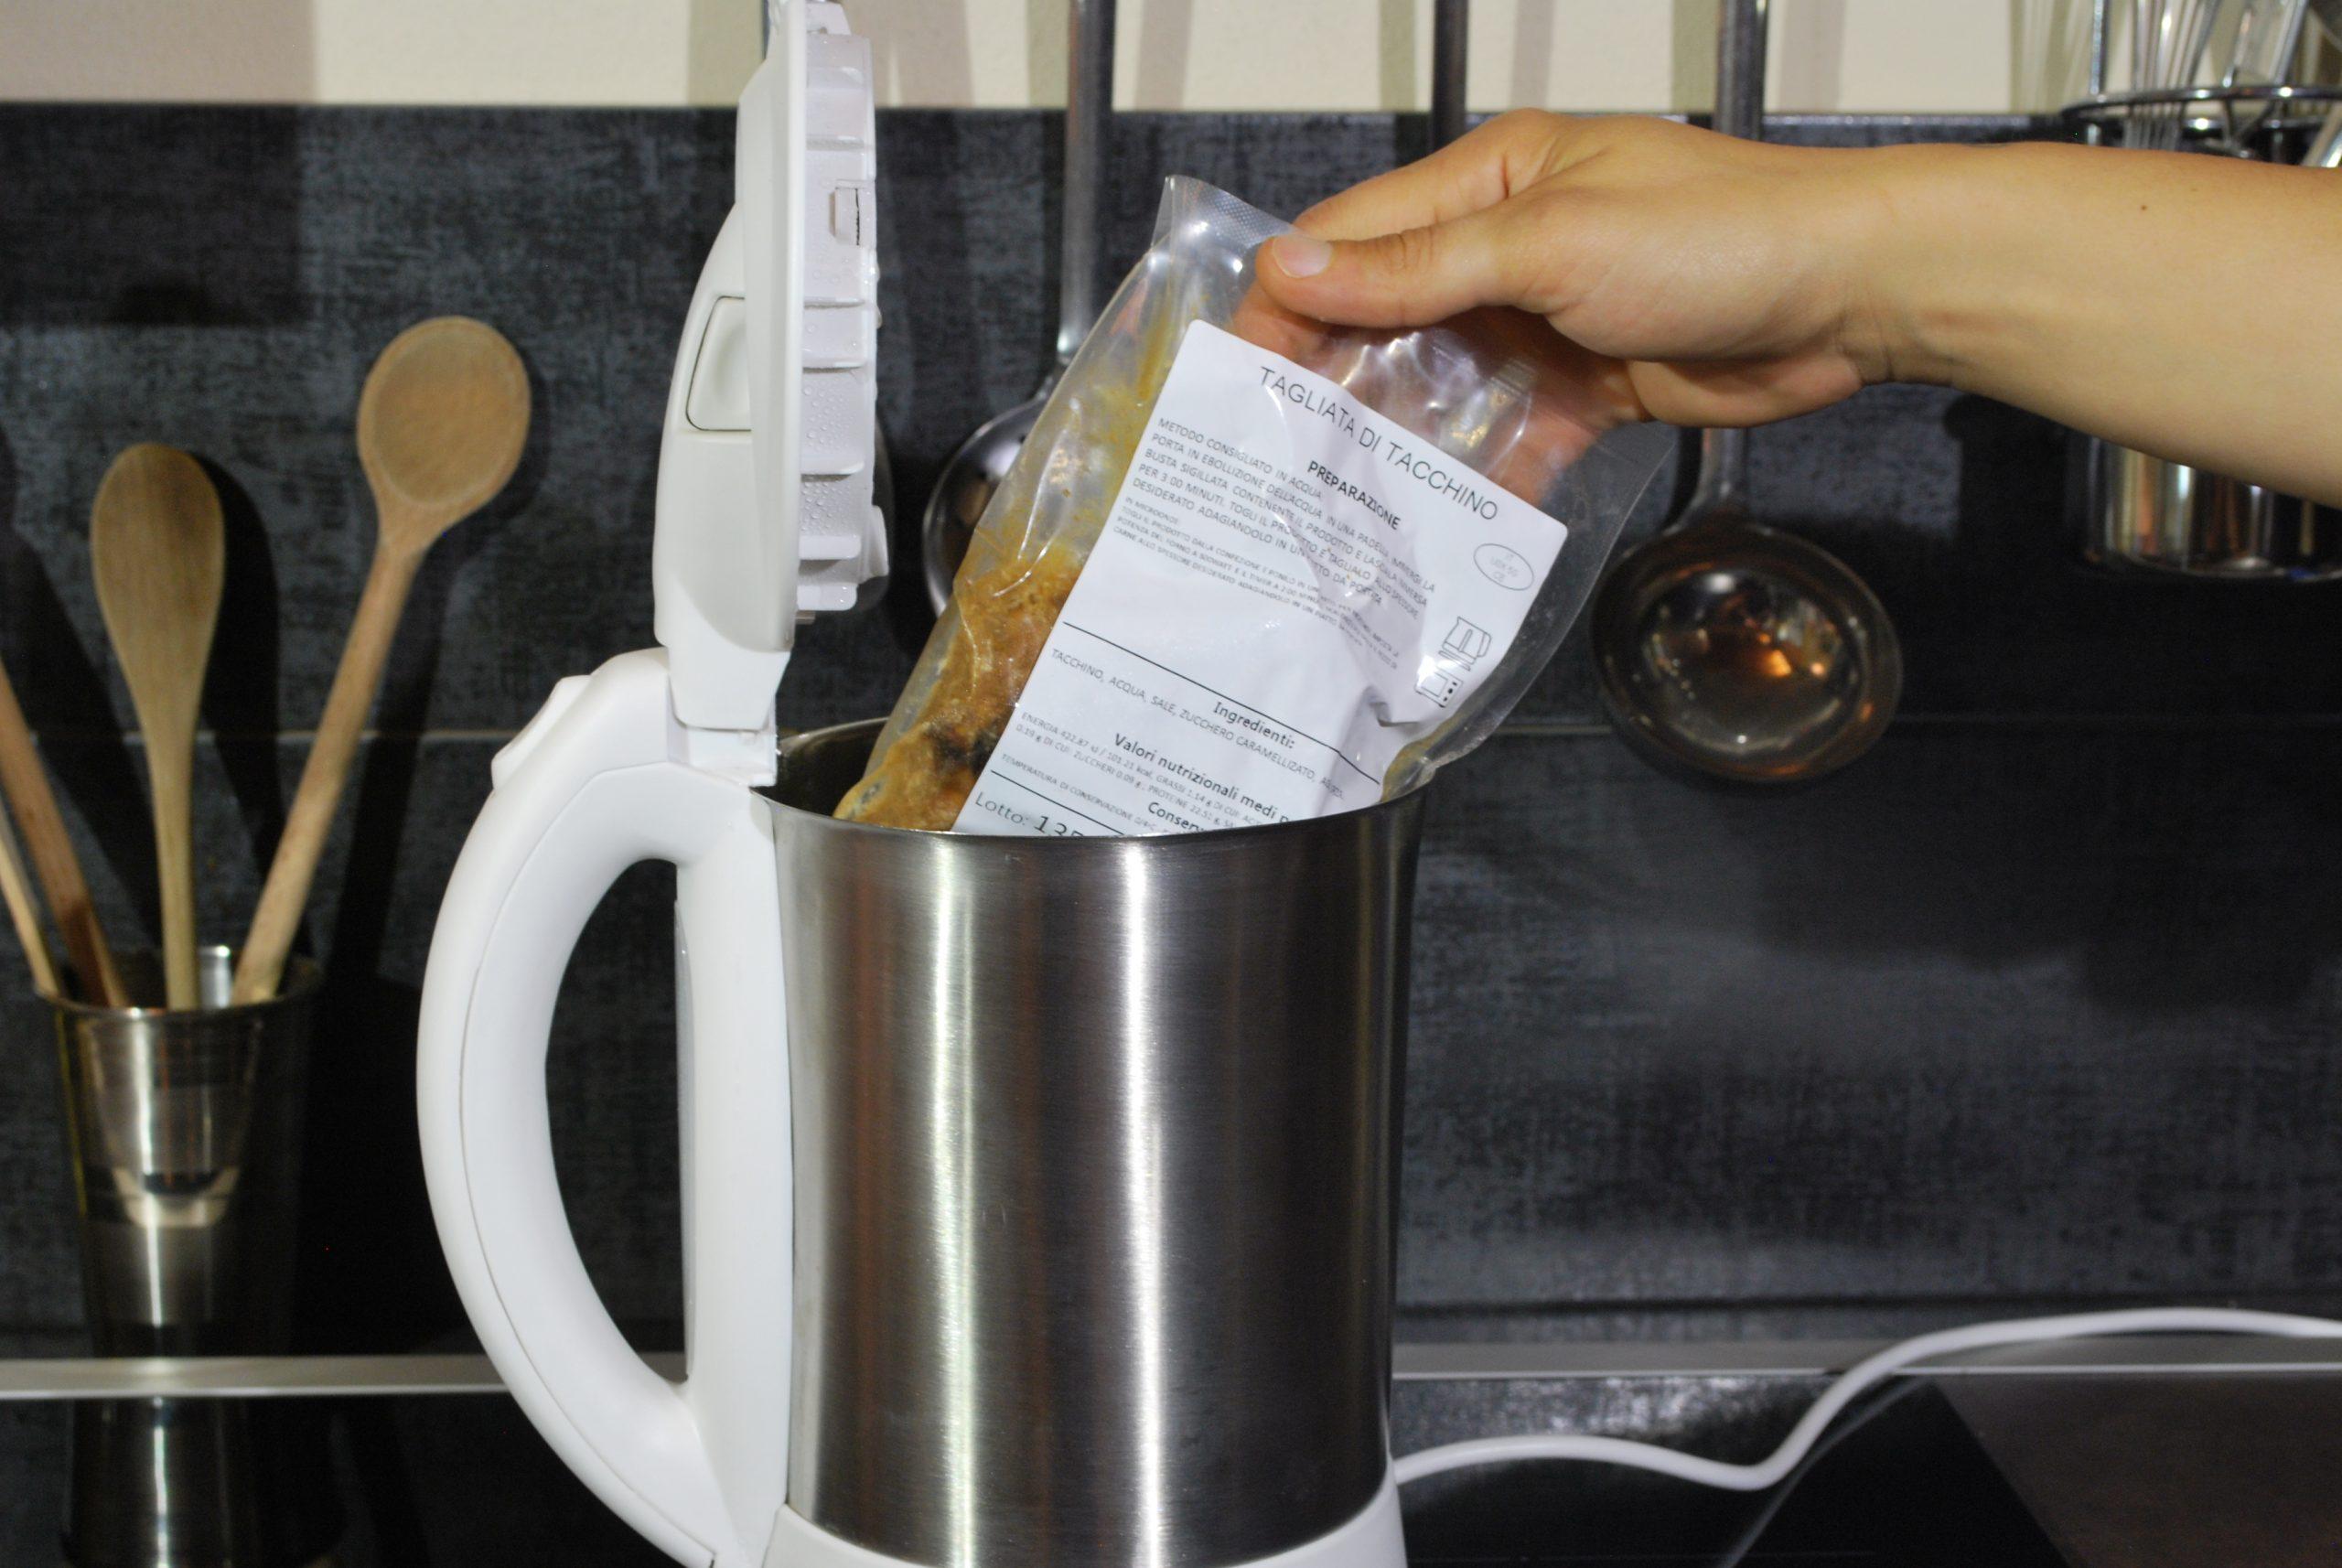 Immergi la busta in acqua bollente per 3 minuti